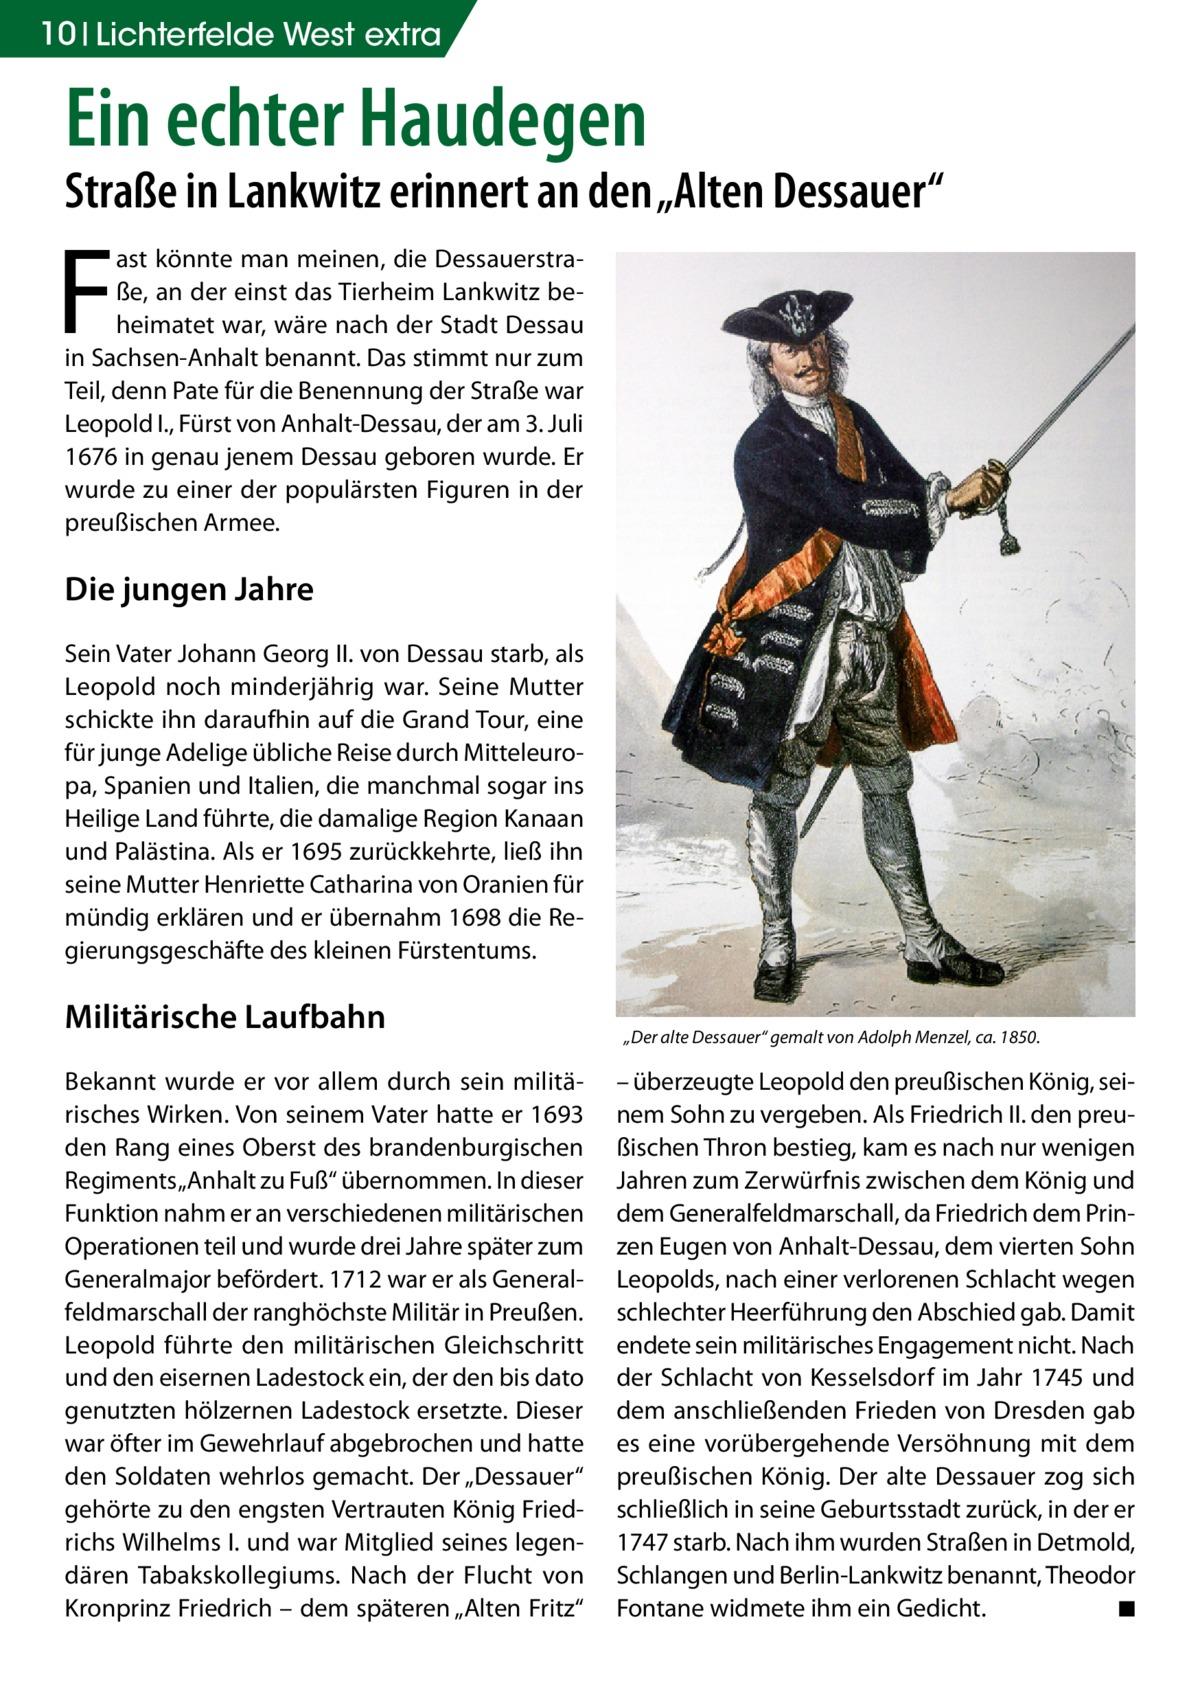 """10 Lichterfelde West extra  Ein echter Haudegen  Straße in Lankwitz erinnert an den """"Alten Dessauer""""  F  ast könnte man meinen, die Dessauerstraße, an der einst das Tierheim Lankwitz beheimatet war, wäre nach der Stadt Dessau in Sachsen-Anhalt benannt. Das stimmt nur zum Teil, denn Pate für die Benennung der Straße war Leopold I., Fürst von Anhalt-Dessau, der am 3.Juli 1676 in genau jenem Dessau geboren wurde. Er wurde zu einer der populärsten Figuren in der preußischen Armee.  Die jungen Jahre Sein Vater Johann Georg II. von Dessau starb, als Leopold noch minderjährig war. Seine Mutter schickte ihn daraufhin auf die Grand Tour, eine für junge Adelige übliche Reise durch Mitteleuropa, Spanien und Italien, die manchmal sogar ins Heilige Land führte, die damalige Region Kanaan und Palästina. Als er 1695 zurückkehrte, ließ ihn seine Mutter Henriette Catharina von Oranien für mündig erklären und er übernahm 1698 die Regierungsgeschäfte des kleinen Fürstentums.  Militärische Laufbahn Bekannt wurde er vor allem durch sein militärisches Wirken. Von seinem Vater hatte er 1693 den Rang eines Oberst des brandenburgischen Regiments """"Anhalt zu Fuß"""" übernommen. In dieser Funktion nahm er an verschiedenen militärischen Operationen teil und wurde drei Jahre später zum Generalmajor befördert. 1712 war er als Generalfeldmarschall der ranghöchste Militär in Preußen. Leopold führte den militärischen Gleichschritt und den eisernen Ladestock ein, der den bis dato genutzten hölzernen Ladestock ersetzte. Dieser war öfter im Gewehrlauf abgebrochen und hatte den Soldaten wehrlos gemacht. Der """"Dessauer"""" gehörte zu den engsten Vertrauten König Friedrichs Wilhelms I. und war Mitglied seines legendären Tabakskollegiums. Nach der Flucht von Kronprinz Friedrich – dem späteren """"Alten Fritz""""  """"Der alte Dessauer"""" gemalt von Adolph Menzel, ca. 1850.  – überzeugte Leopold den preußischen König, seinem Sohn zu vergeben. Als Friedrich II. den preußischen Thron bestieg, kam es nach nur wenigen Jahren zum"""